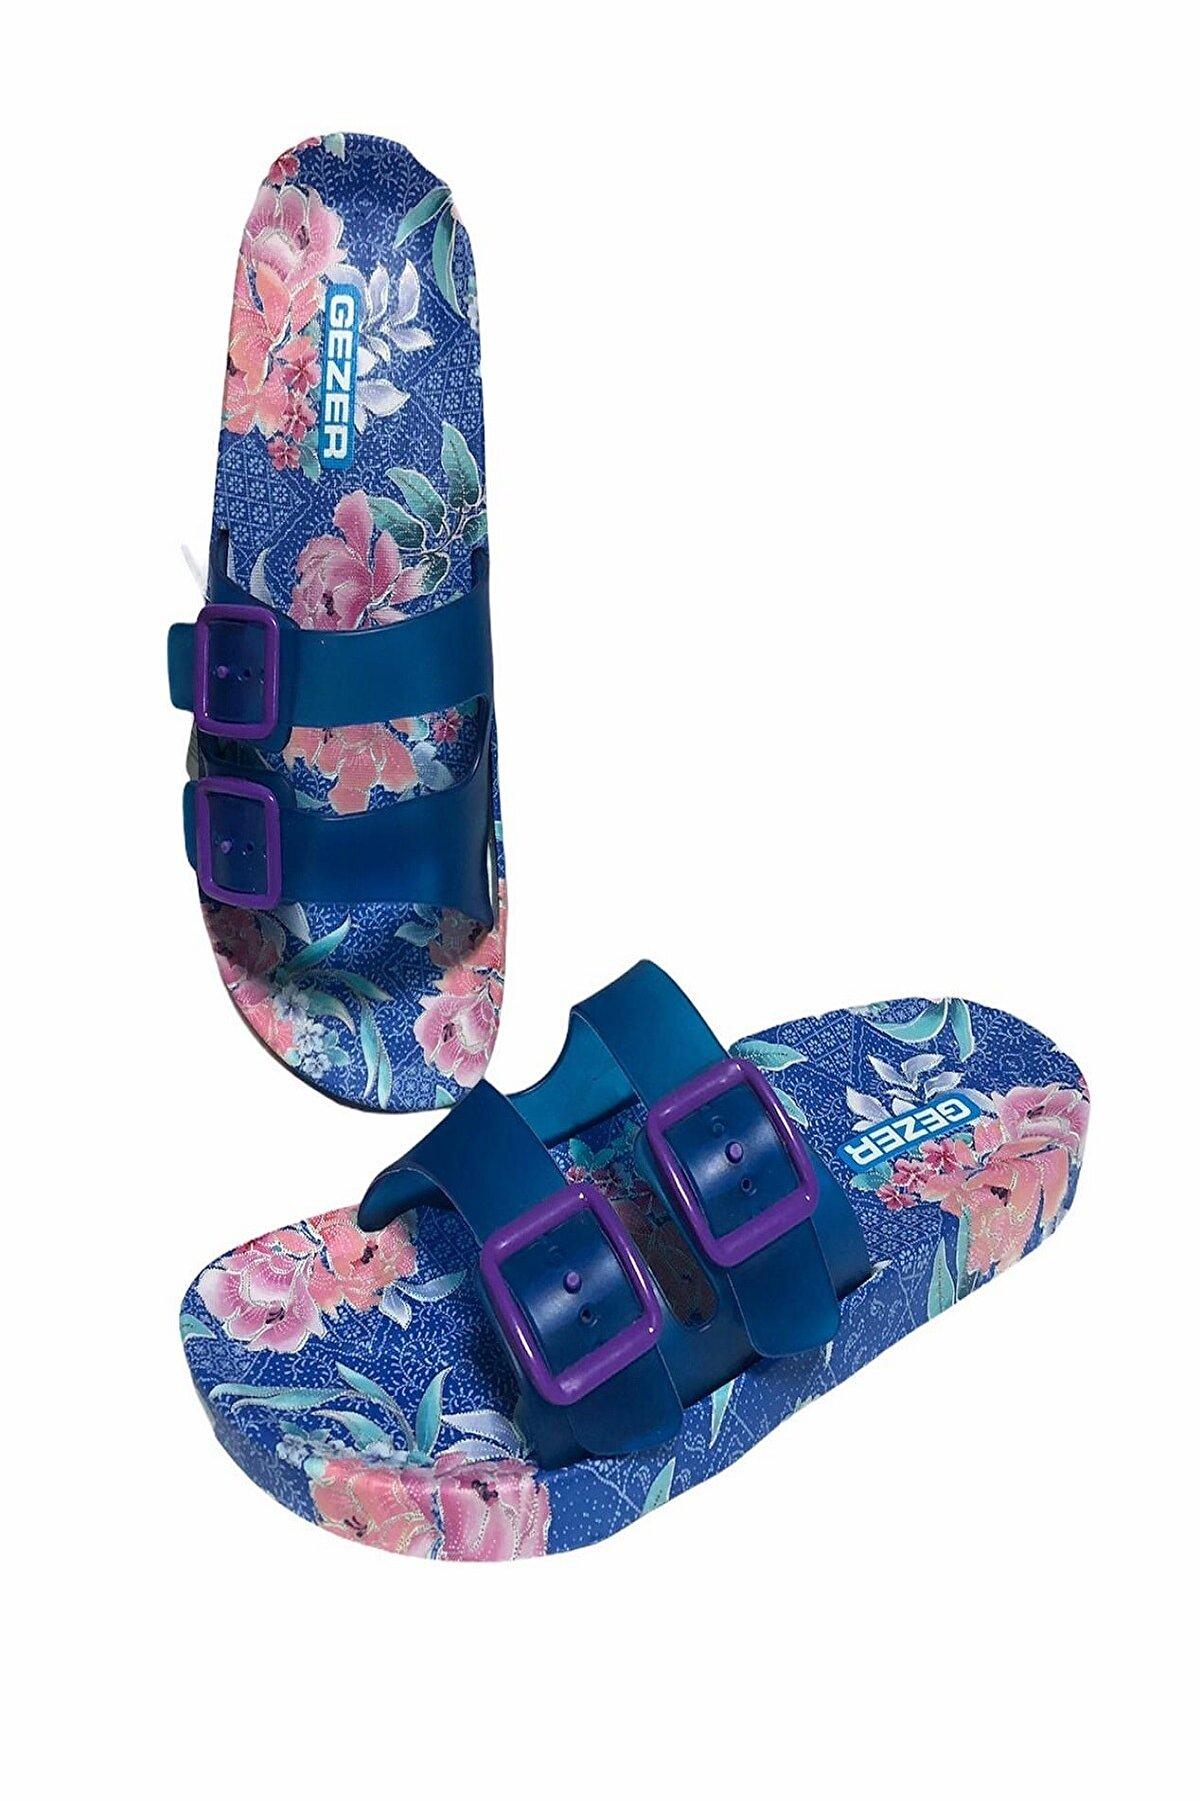 Gezer Kadın Çift Toka Kaydırmaz Taban Havuz Plaj Banyo Ve Outdoor Terlik- Altın Adım Ayakkabı